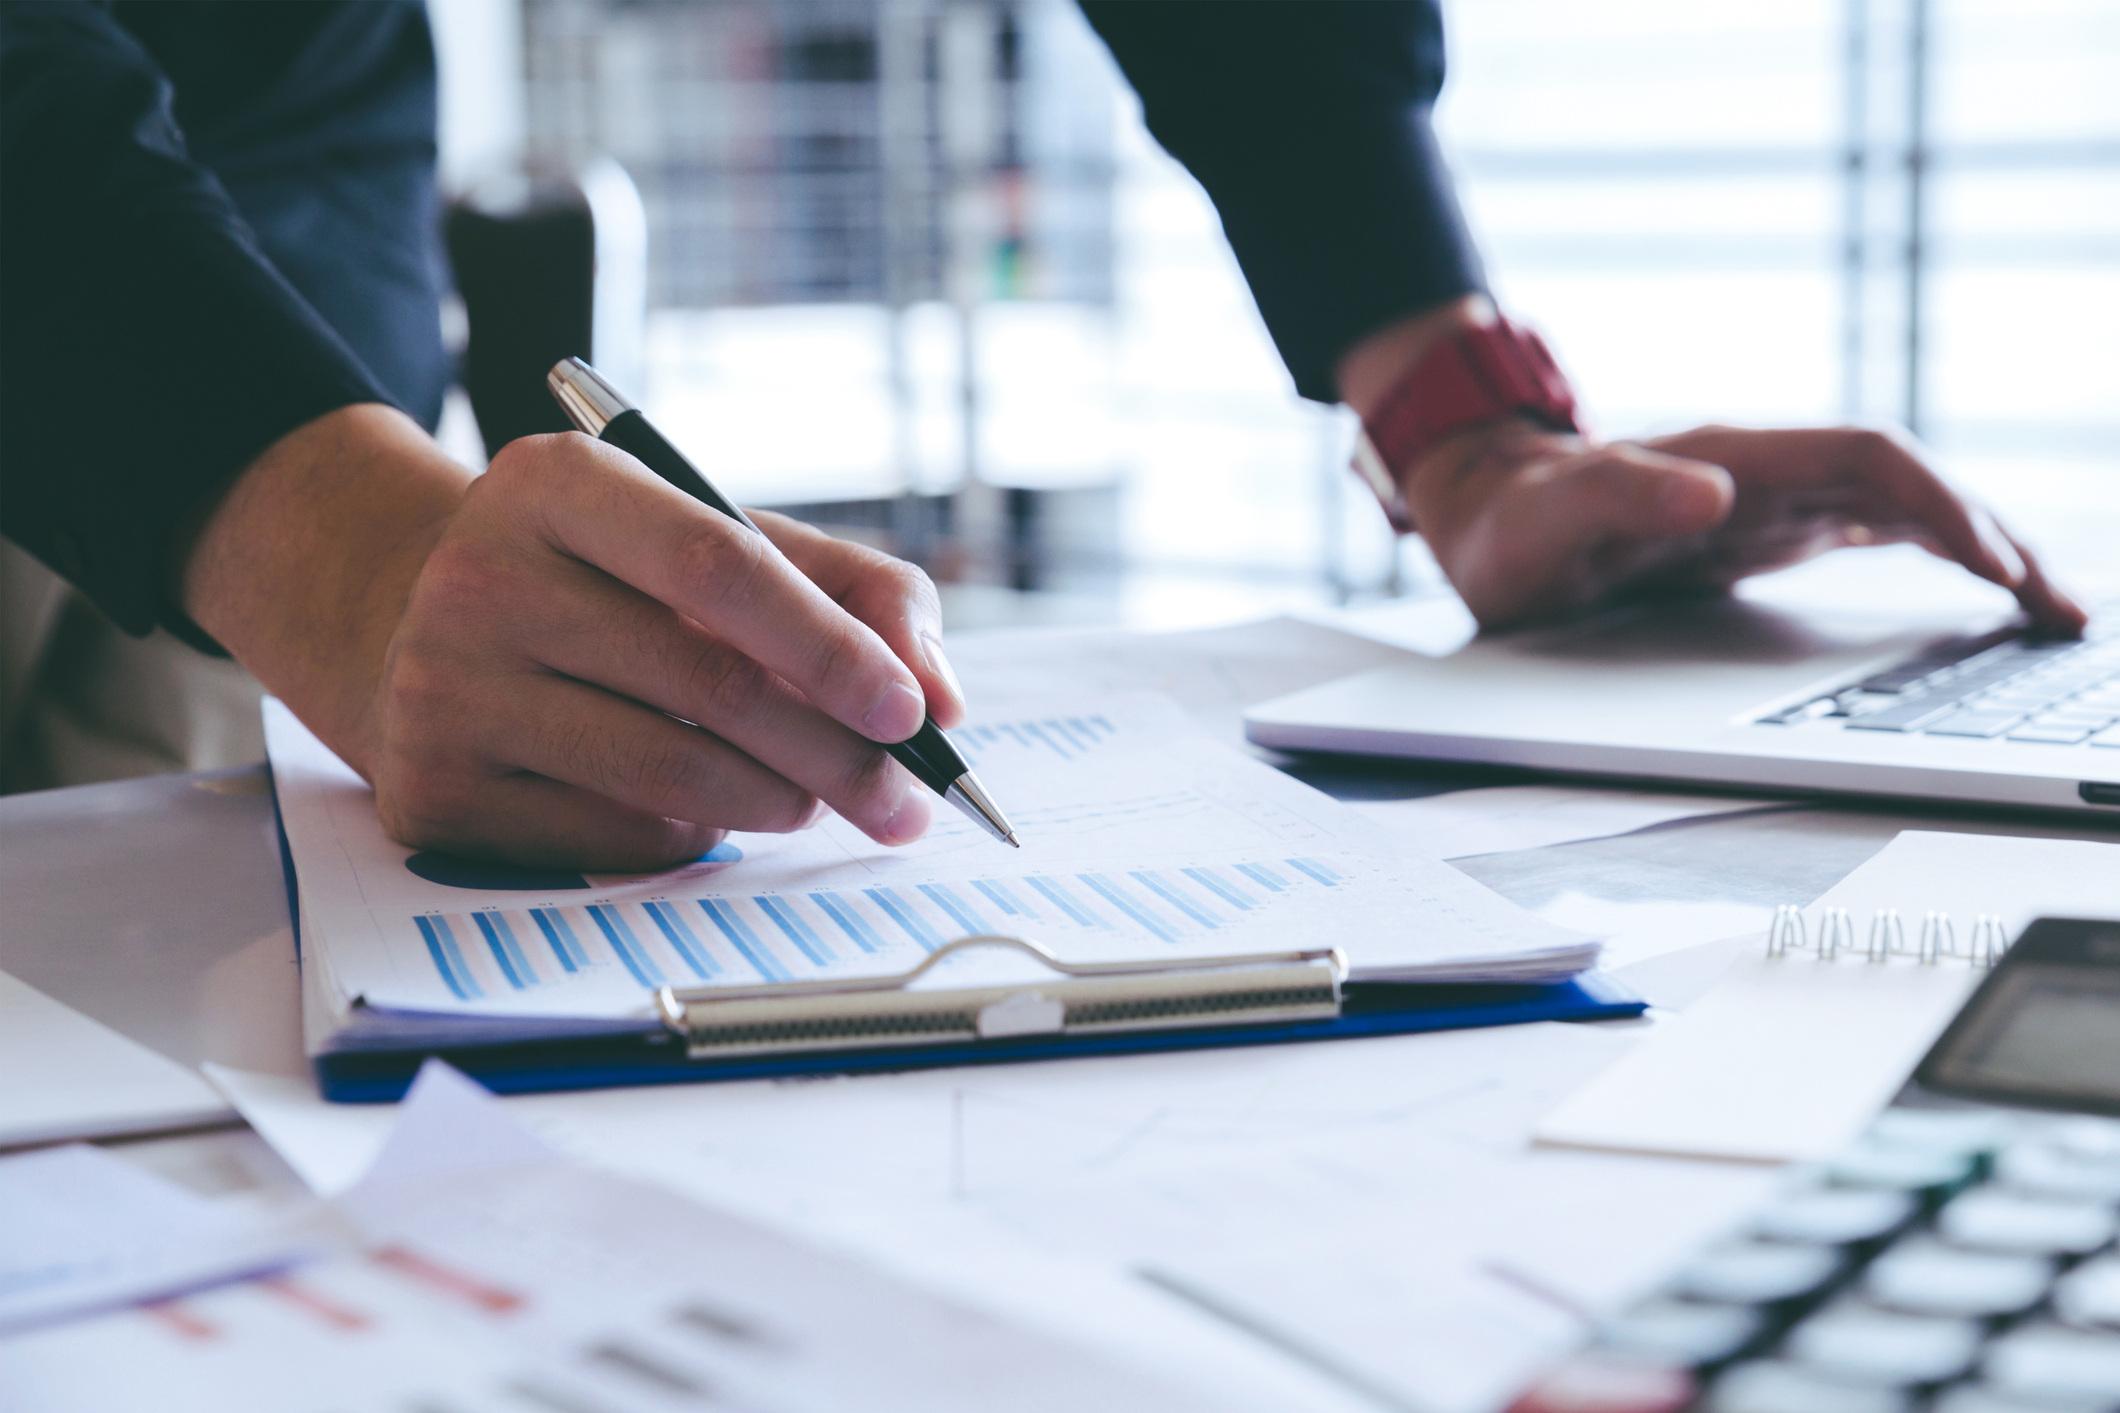 1. Analyse - Vi analyserer konkurransesituasjonen, kartlegg målgruppene og deira brukarbehov. Vi brukar verktøy som Ahrefs for å analysere søkeord både hos deg og konkurrentane dine. Å bli enige om målsetting (KPI- key performance indicators) for nettsida er sentralt i denne fasen.